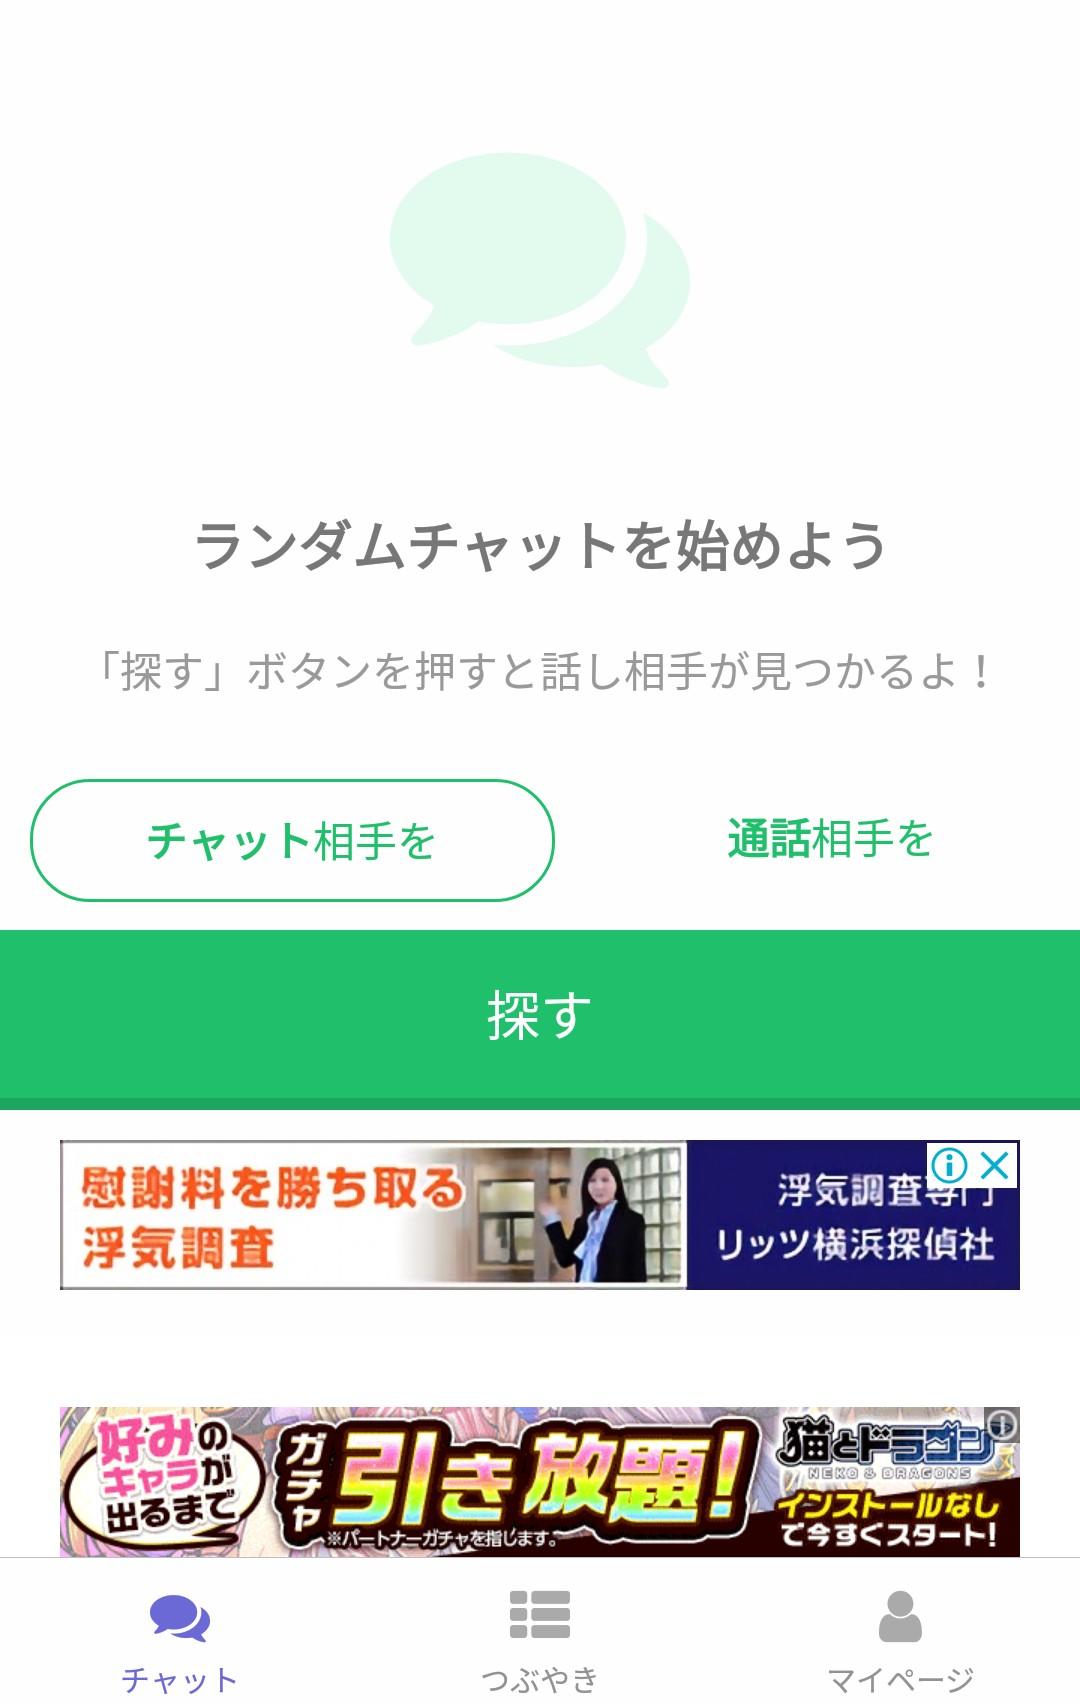 ヒマつぶしアプリ紹介画像4